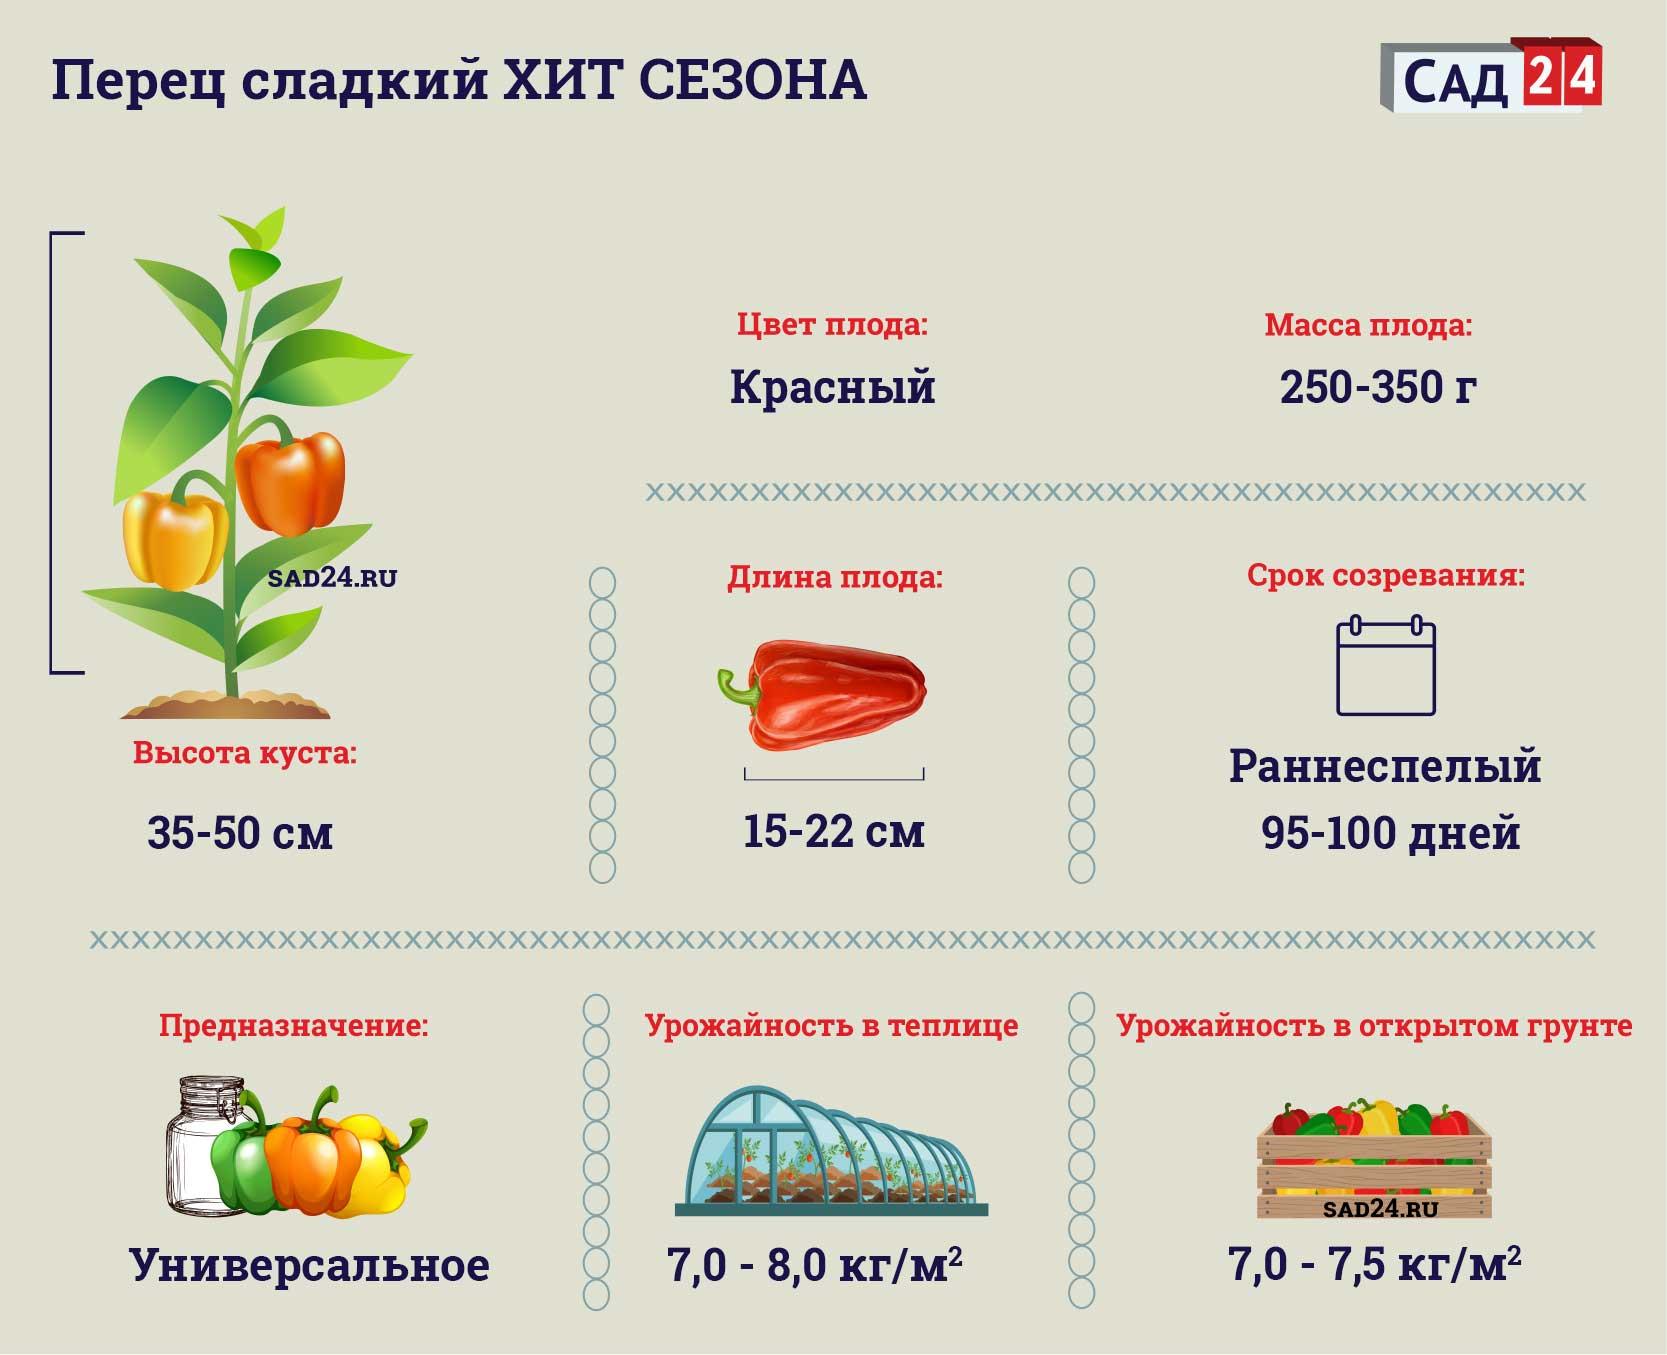 Хит сезона https://sad24.ru